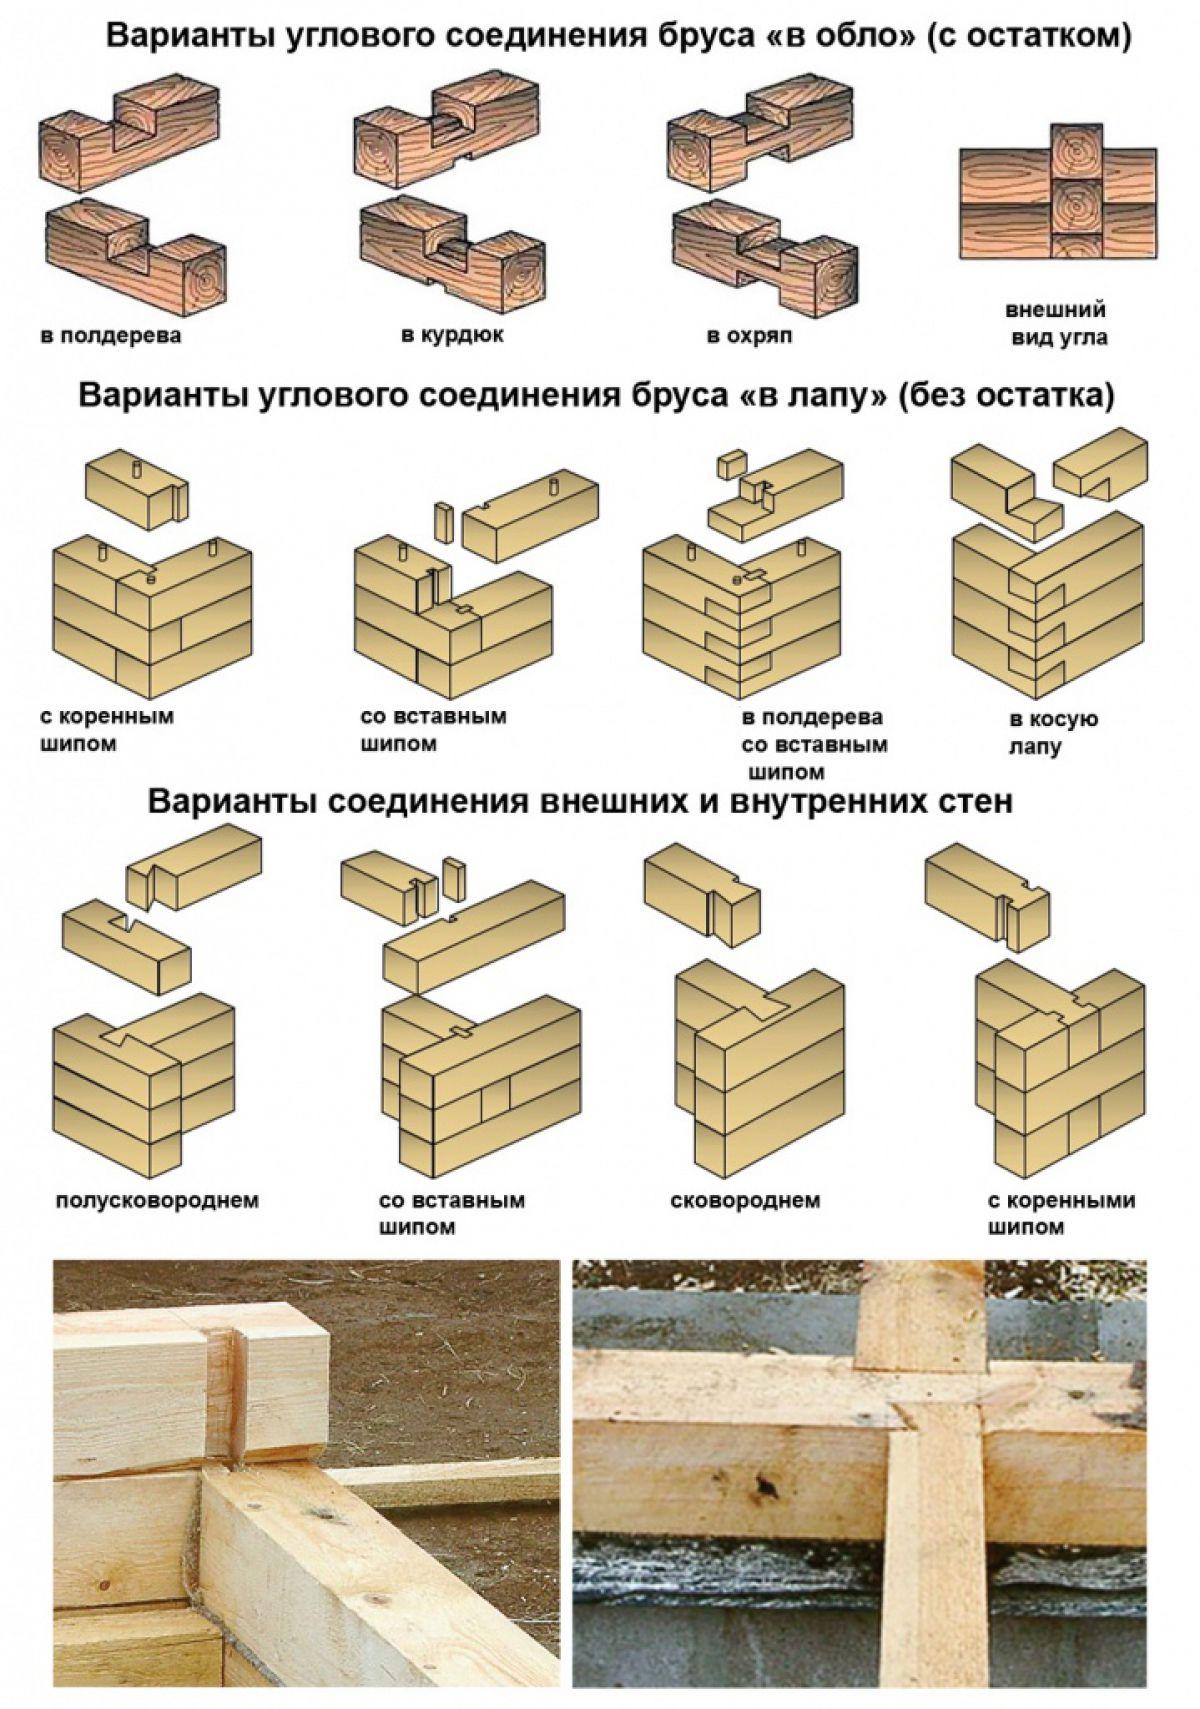 Соединения бруса в углах и прямых стенах 2554